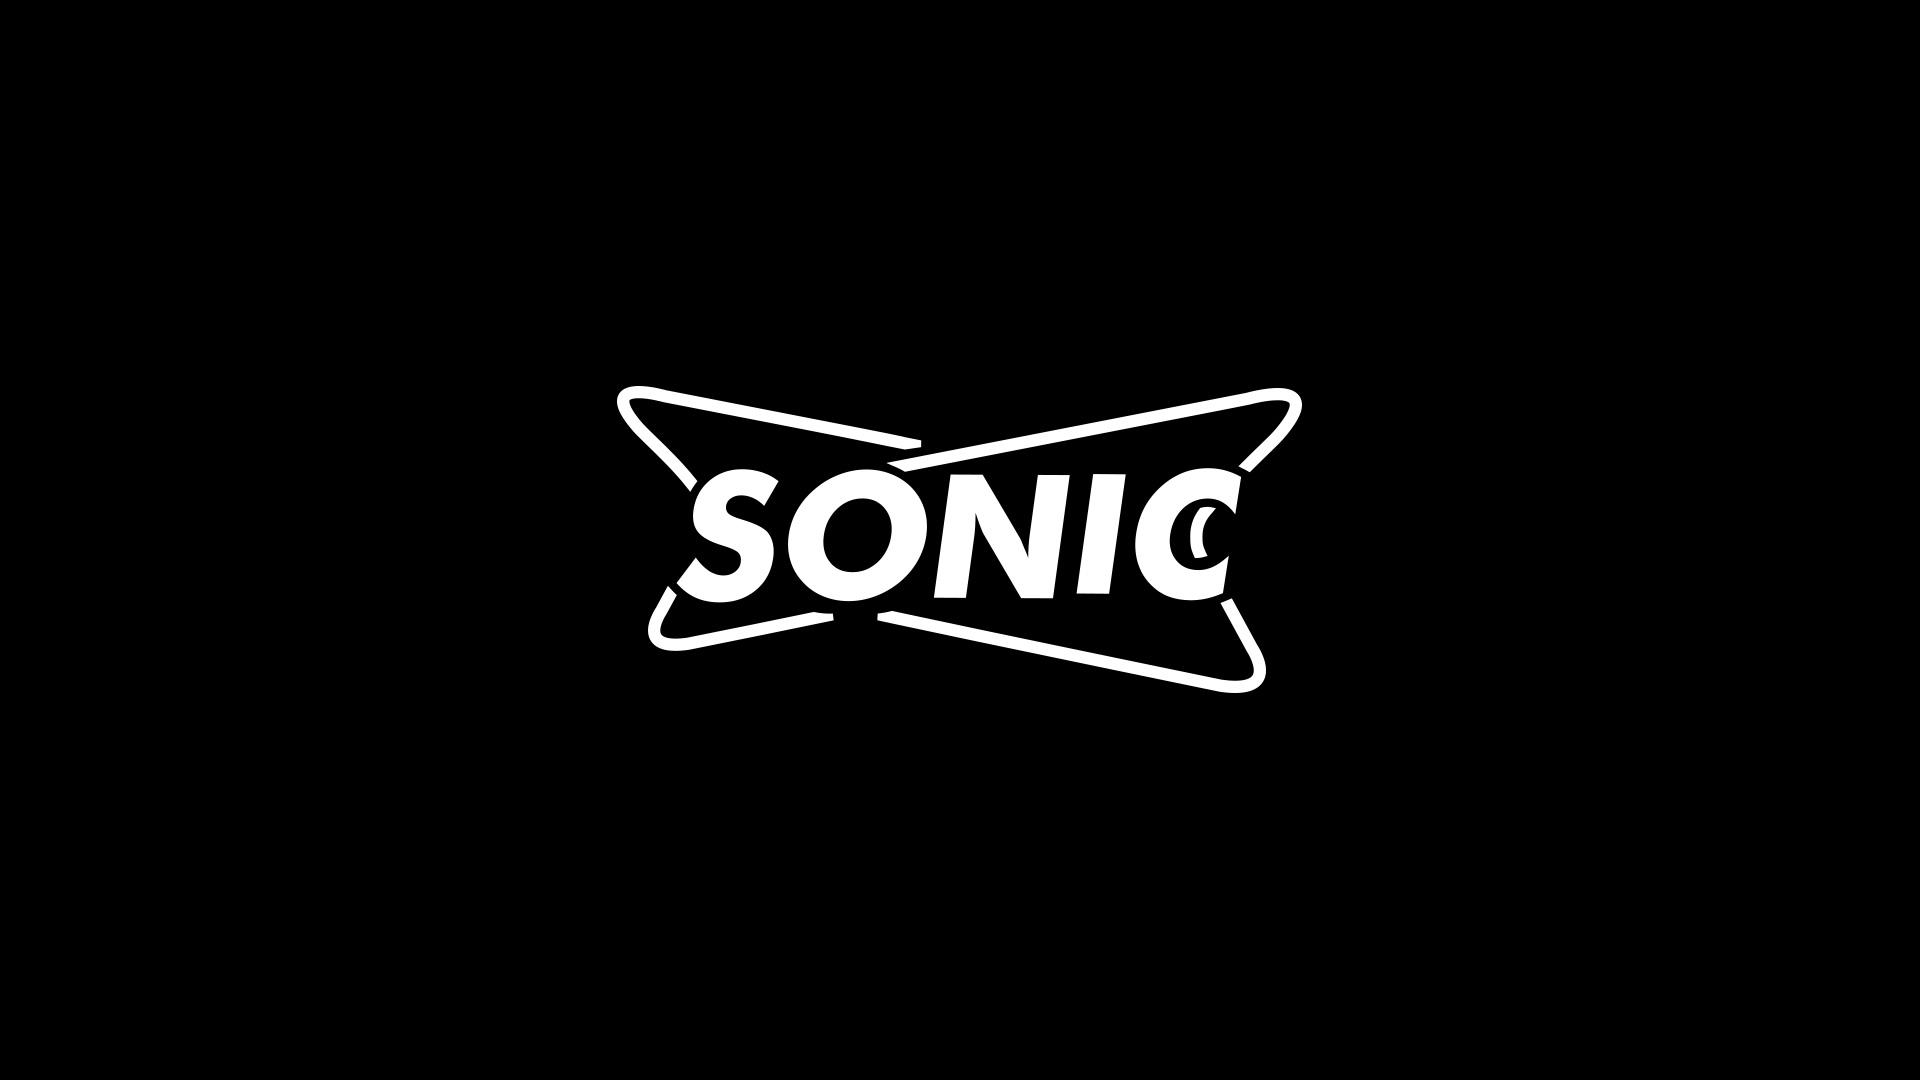 My Sonic App